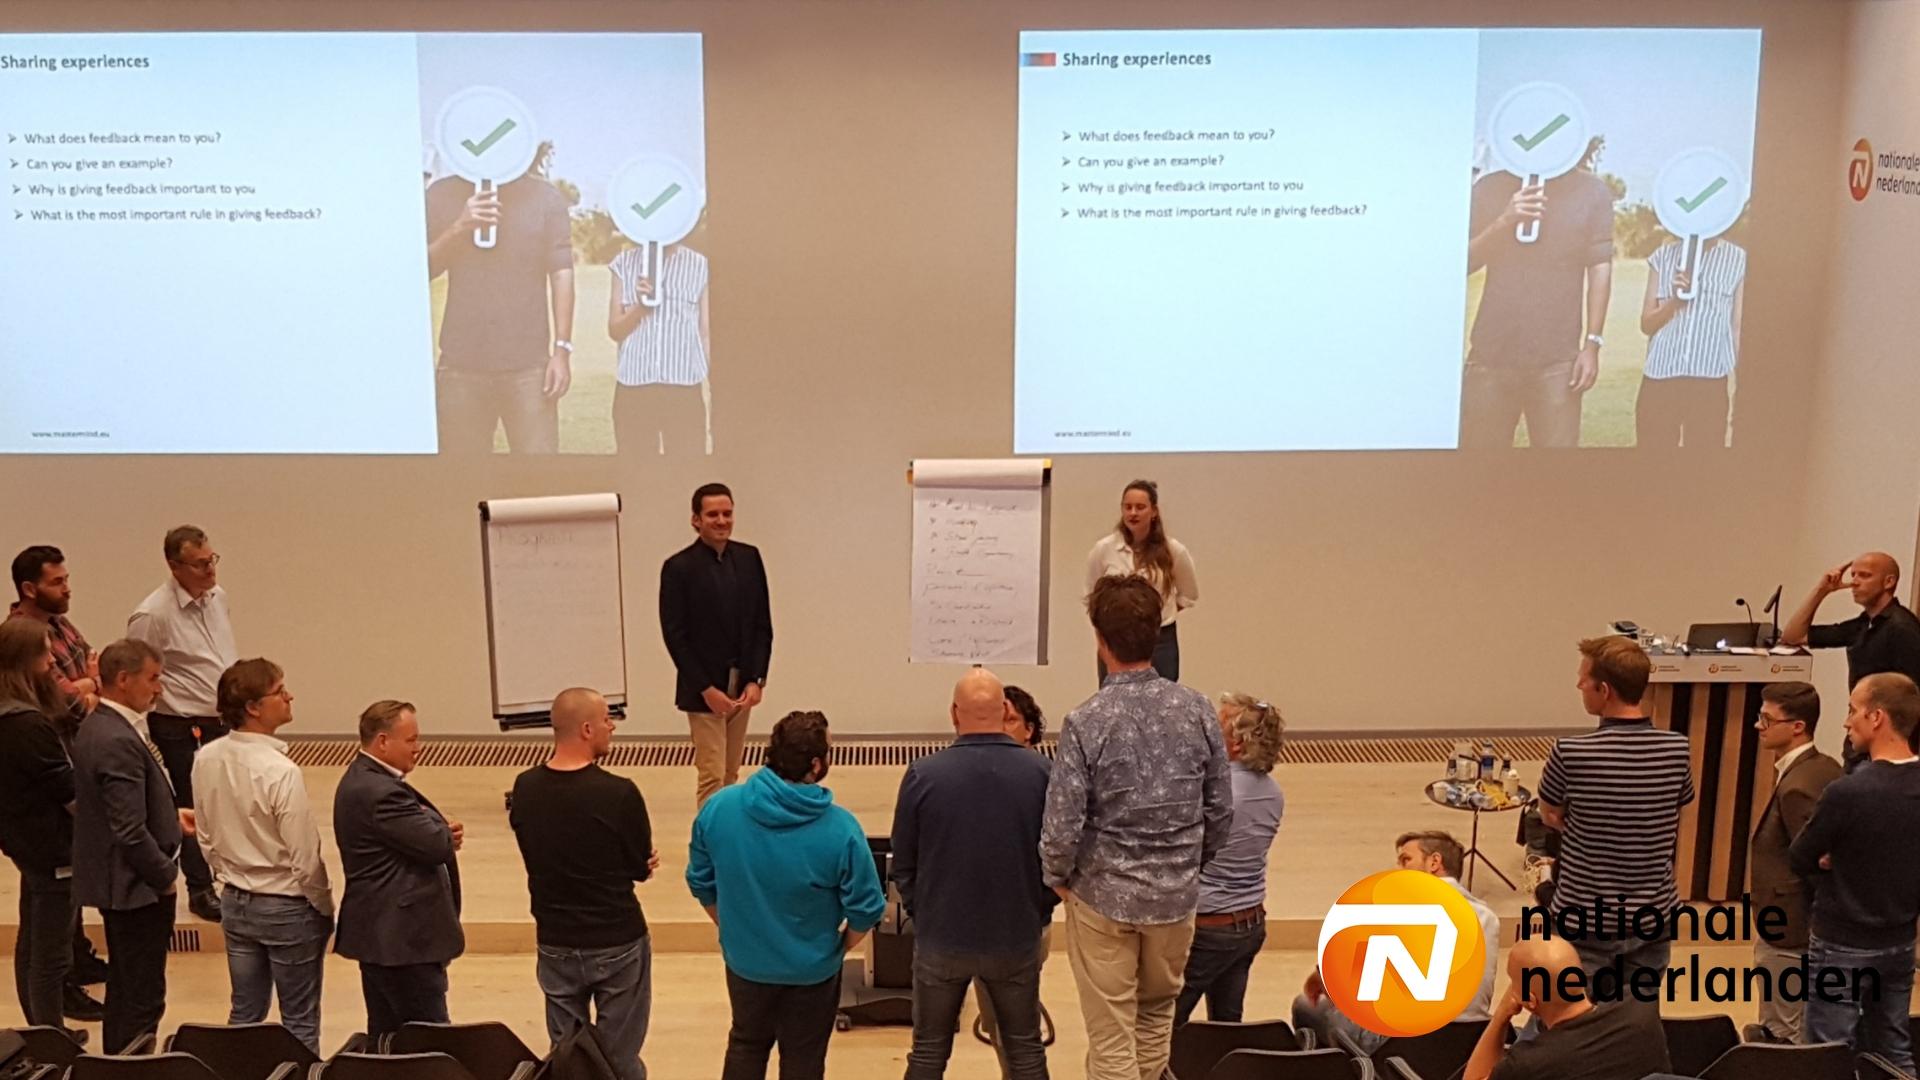 Nationale Nederlanden - Communicatie - Jerry van Staveren 4